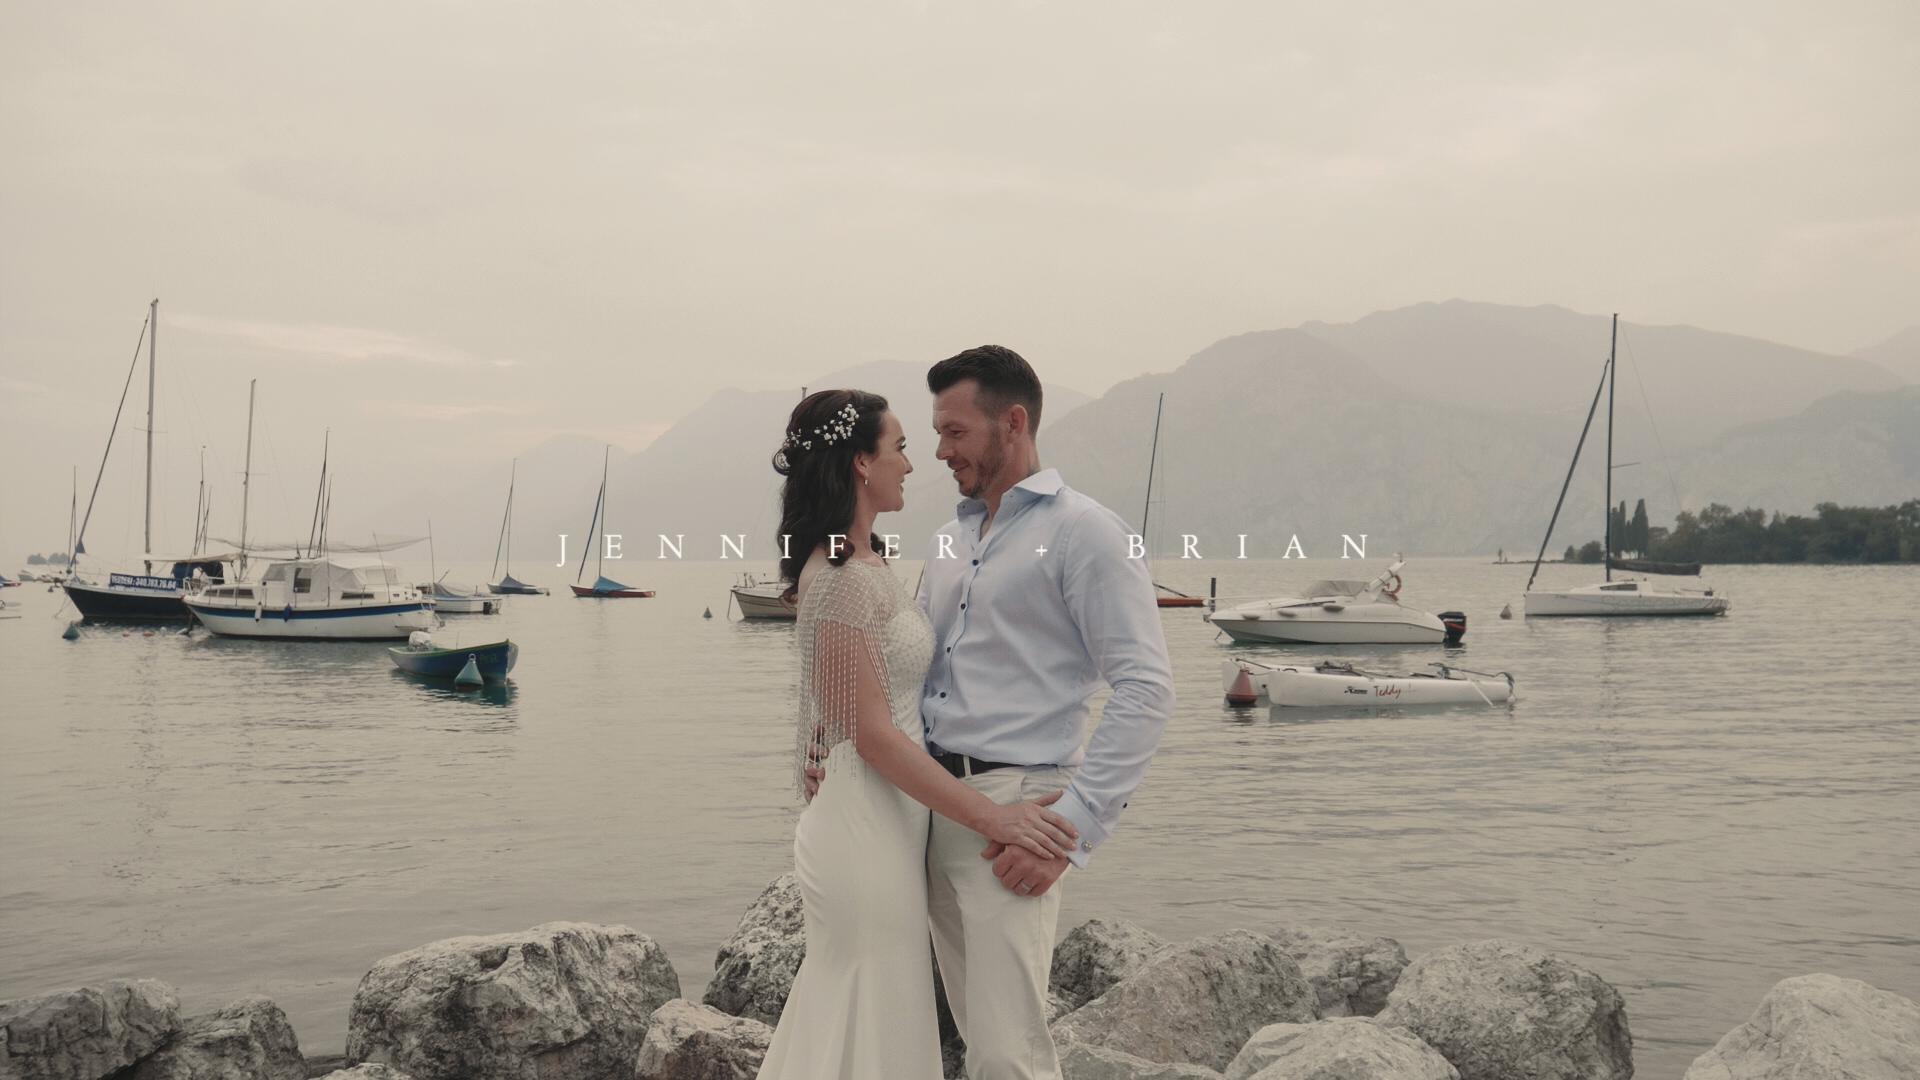 Jennifer + Brian | Malcesine, Italy | La Voglia